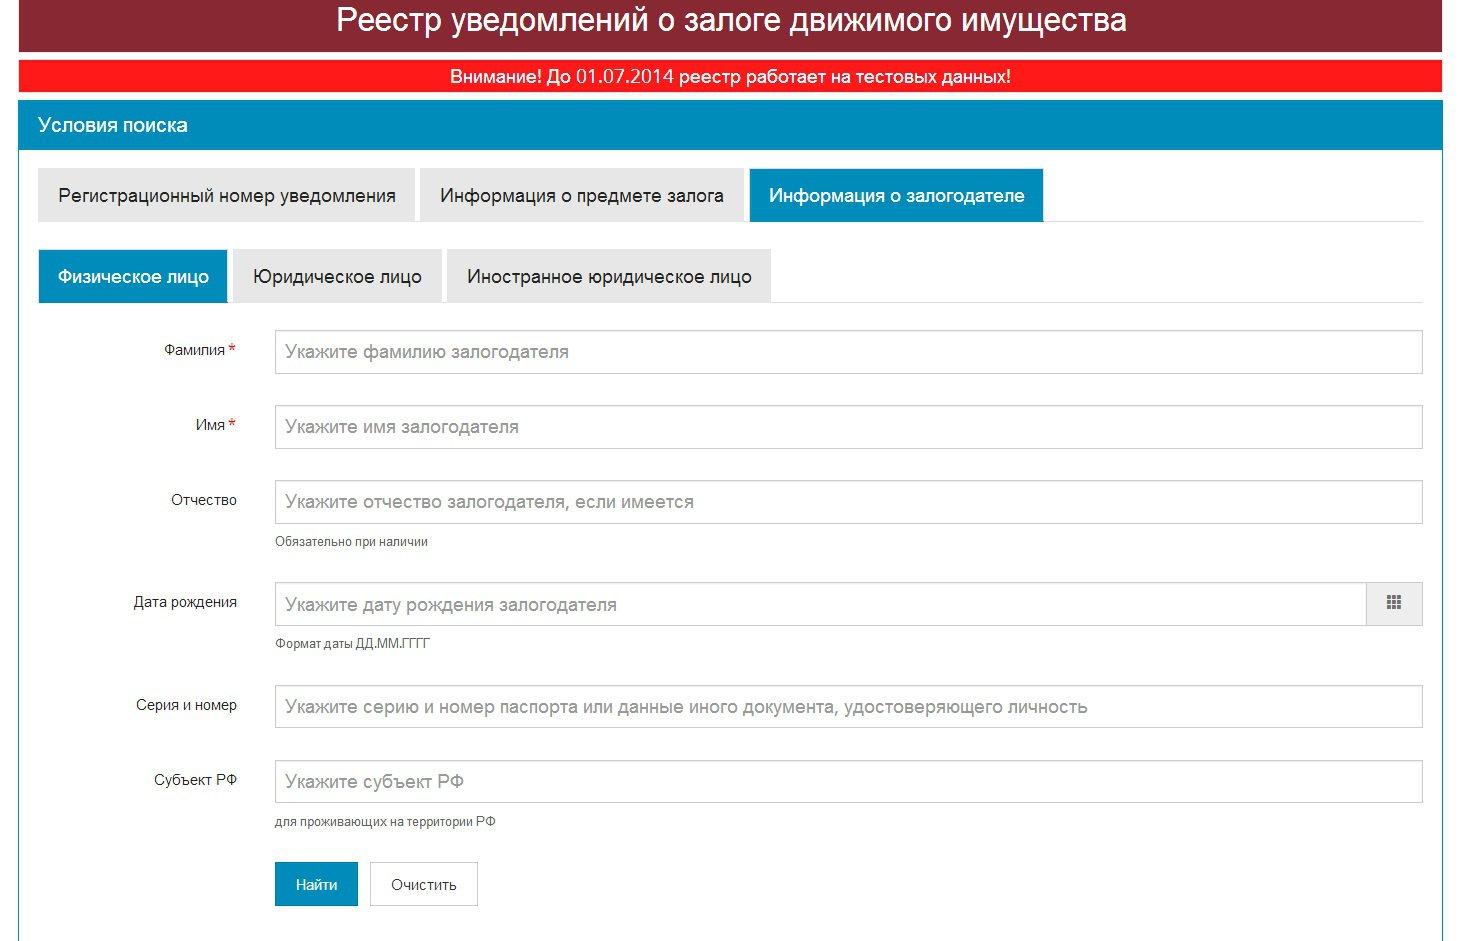 Реестр уведомлений о залогах автомобилей автосалон быв в москве